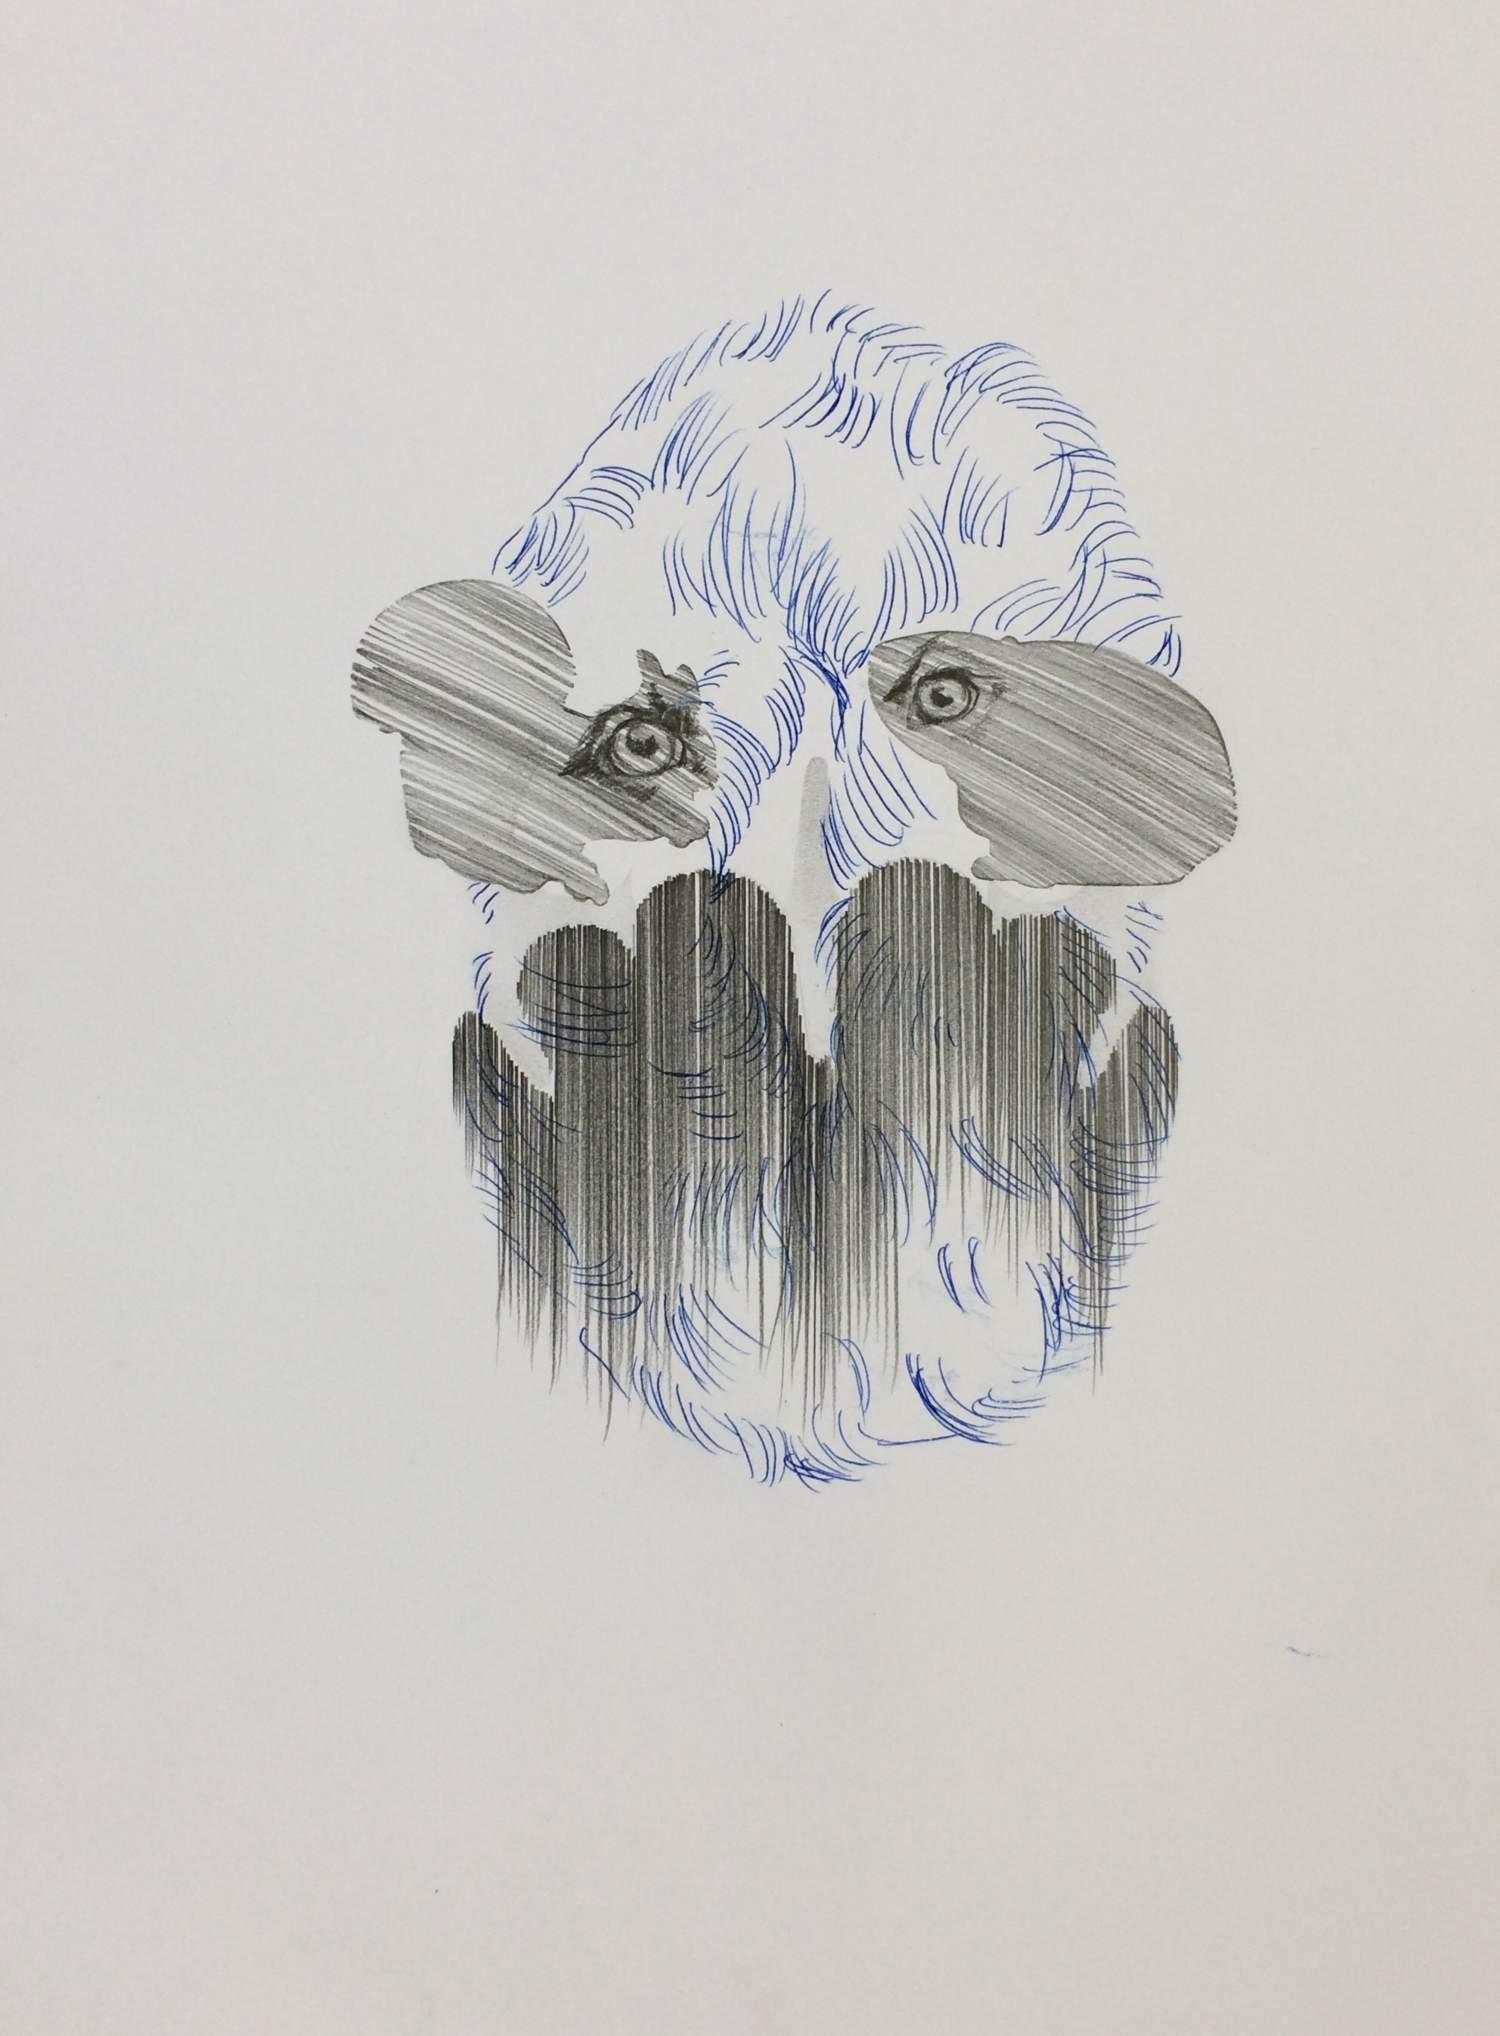 02#2019, Graphit und Intercopy auf Papier, 40 x 30 cm